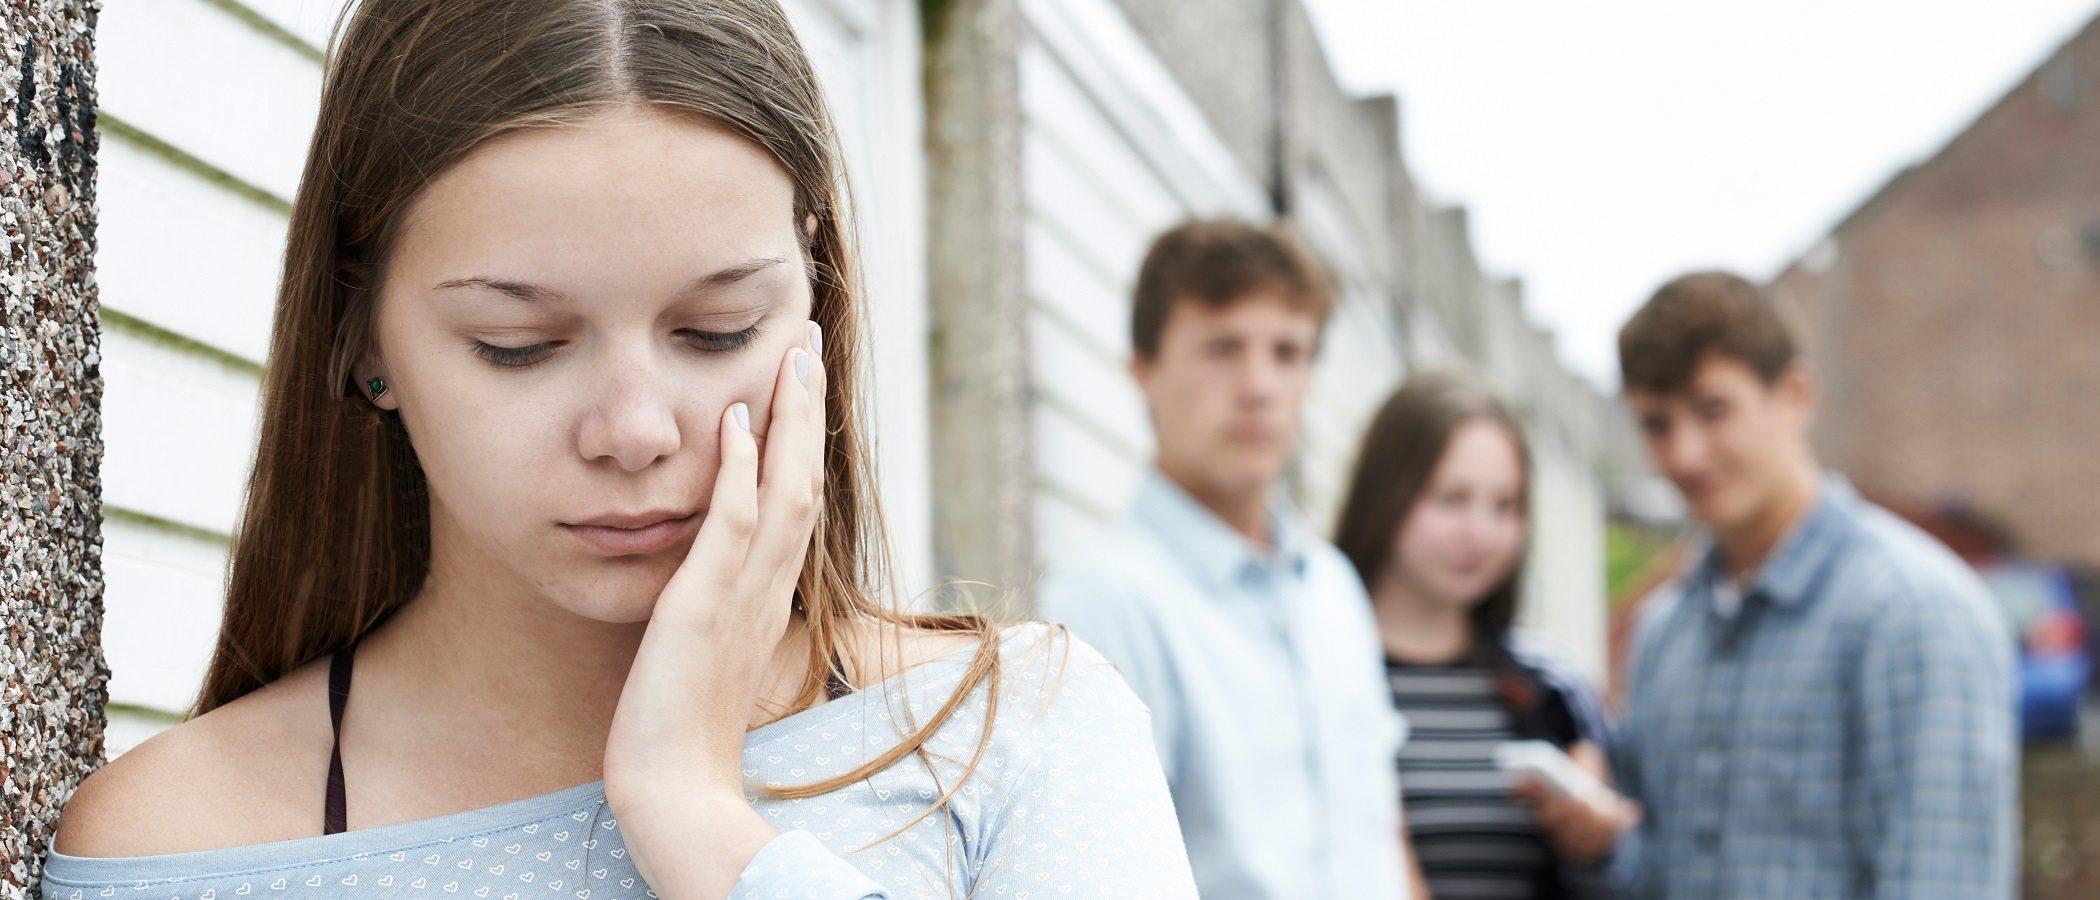 El bullying ocurre también en la universidad